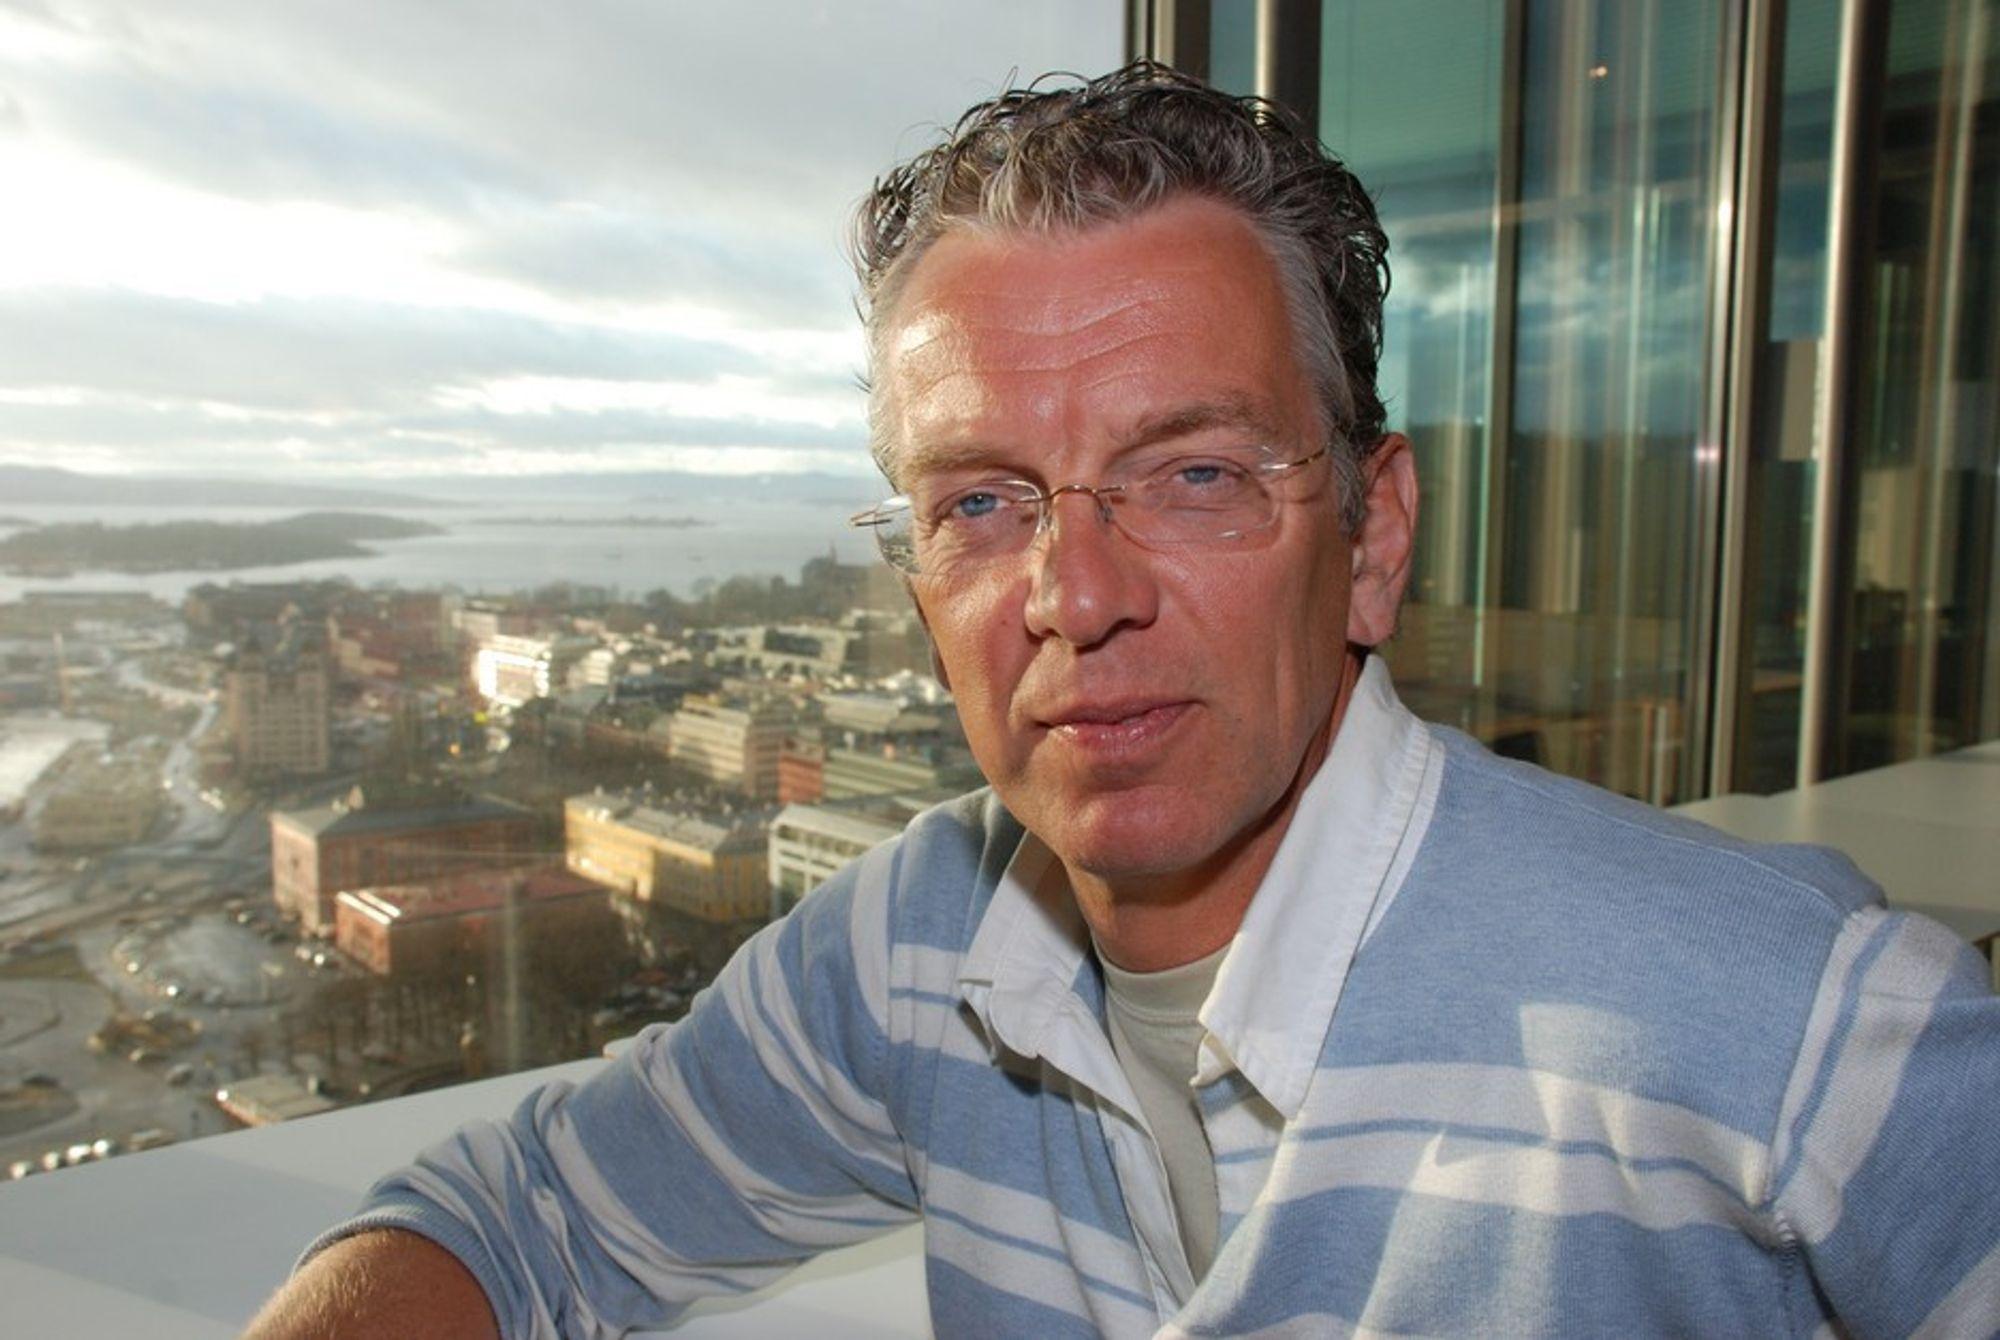 LONT FLYTTER: Konsernsjef Auke Lont flytter Statnetts hovedkontor fra Husebyplatået til Nydalen i Oslo. Stort aktivitetsnivå de neste årene gjør at organisasjonen krever mer plass.